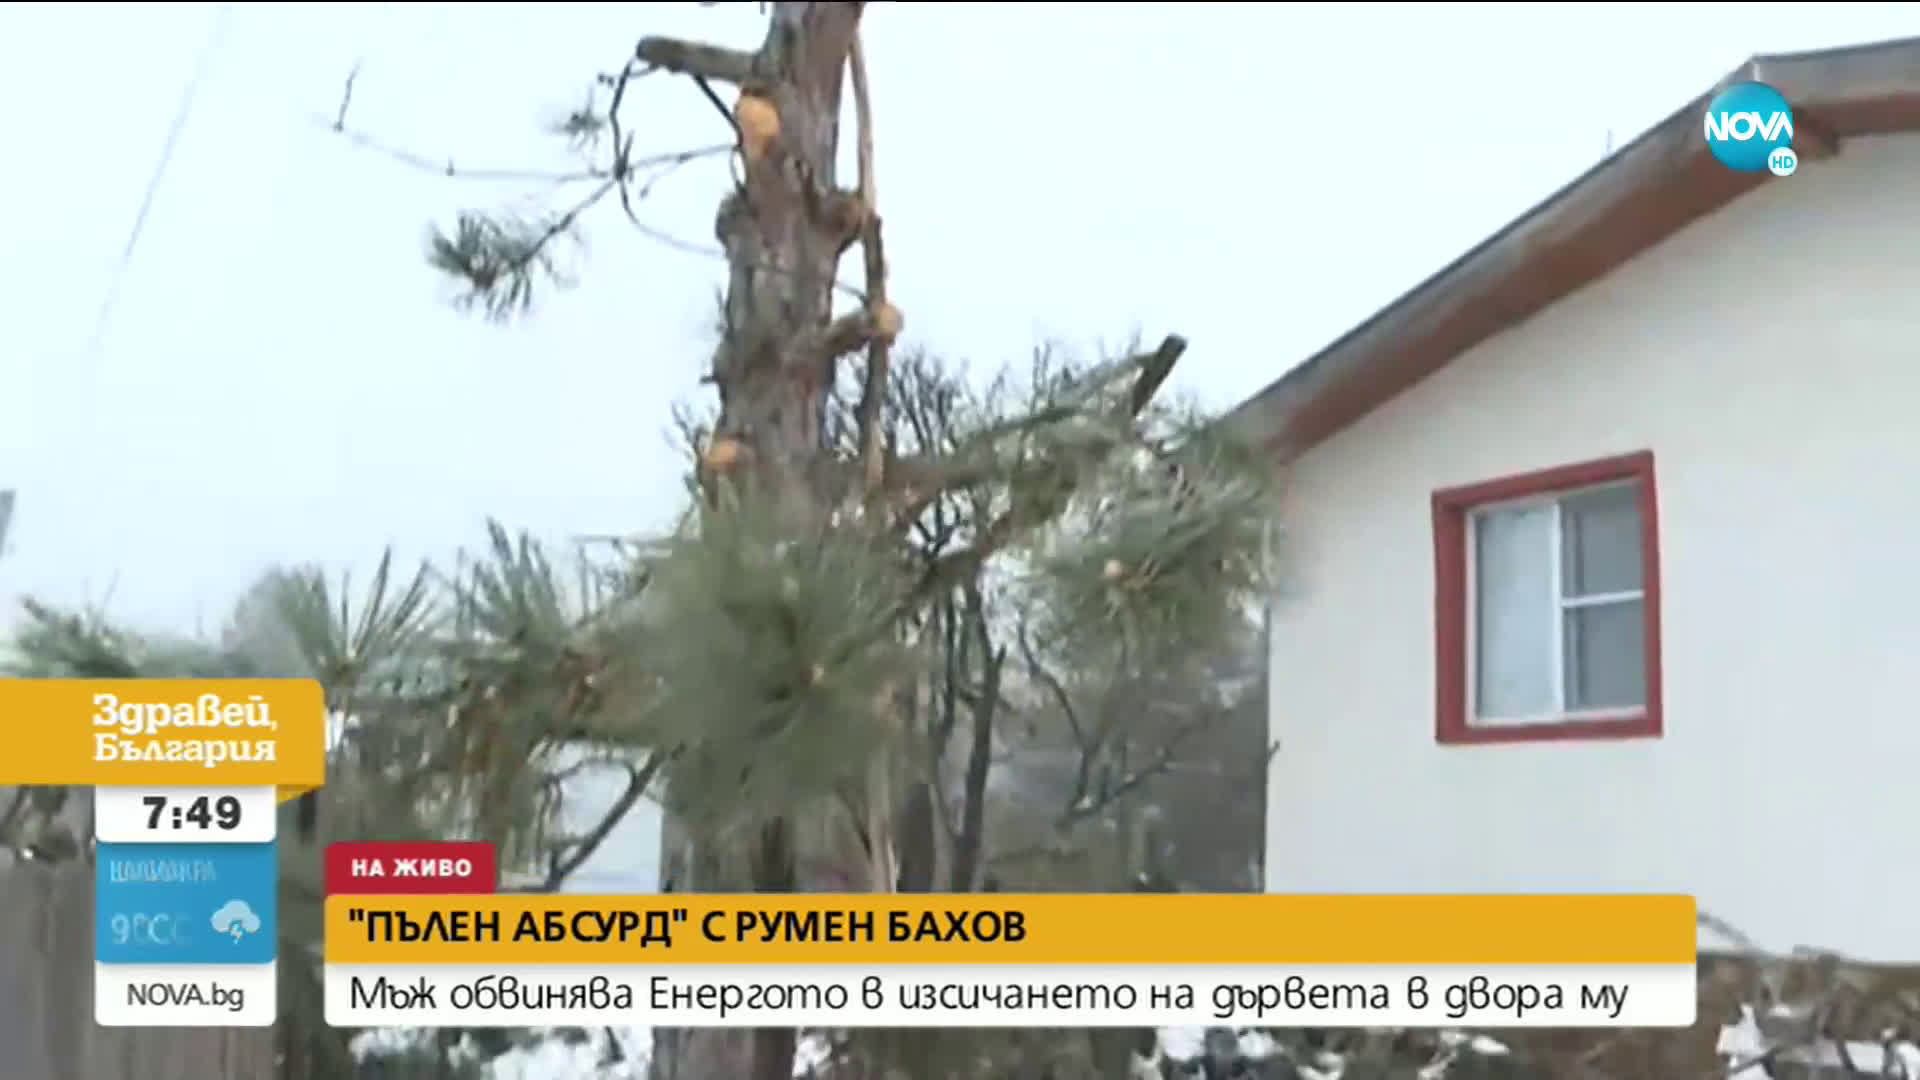 Мъж обвинява енергото в изсичането на дръвчета в двора му